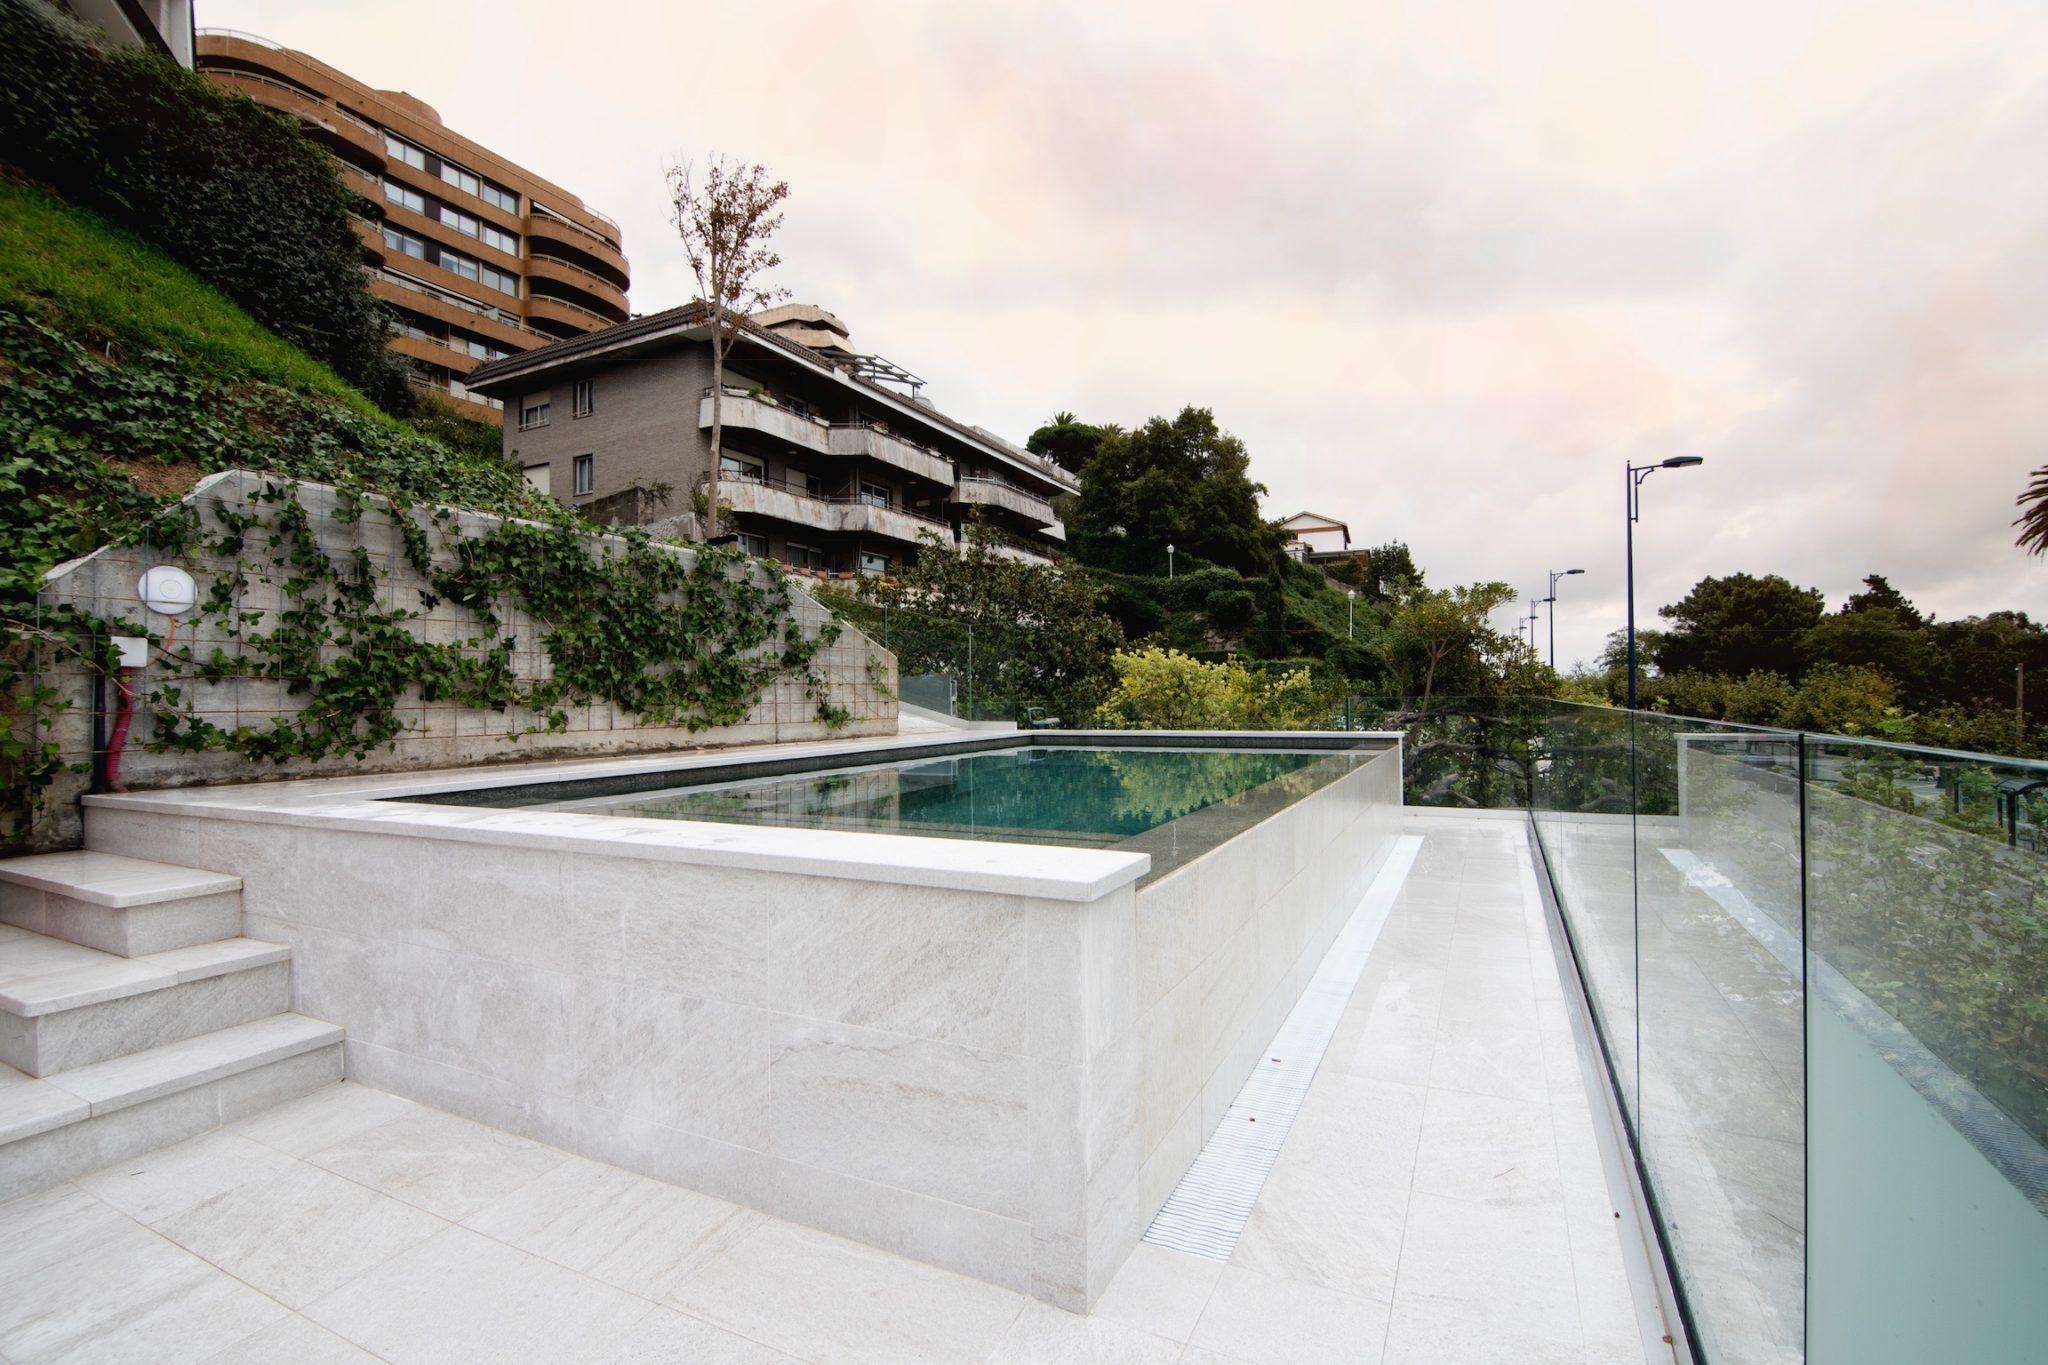 Mantenimiento de piscinas e instalaciones construcci n for Instalaciones de albercas pdf